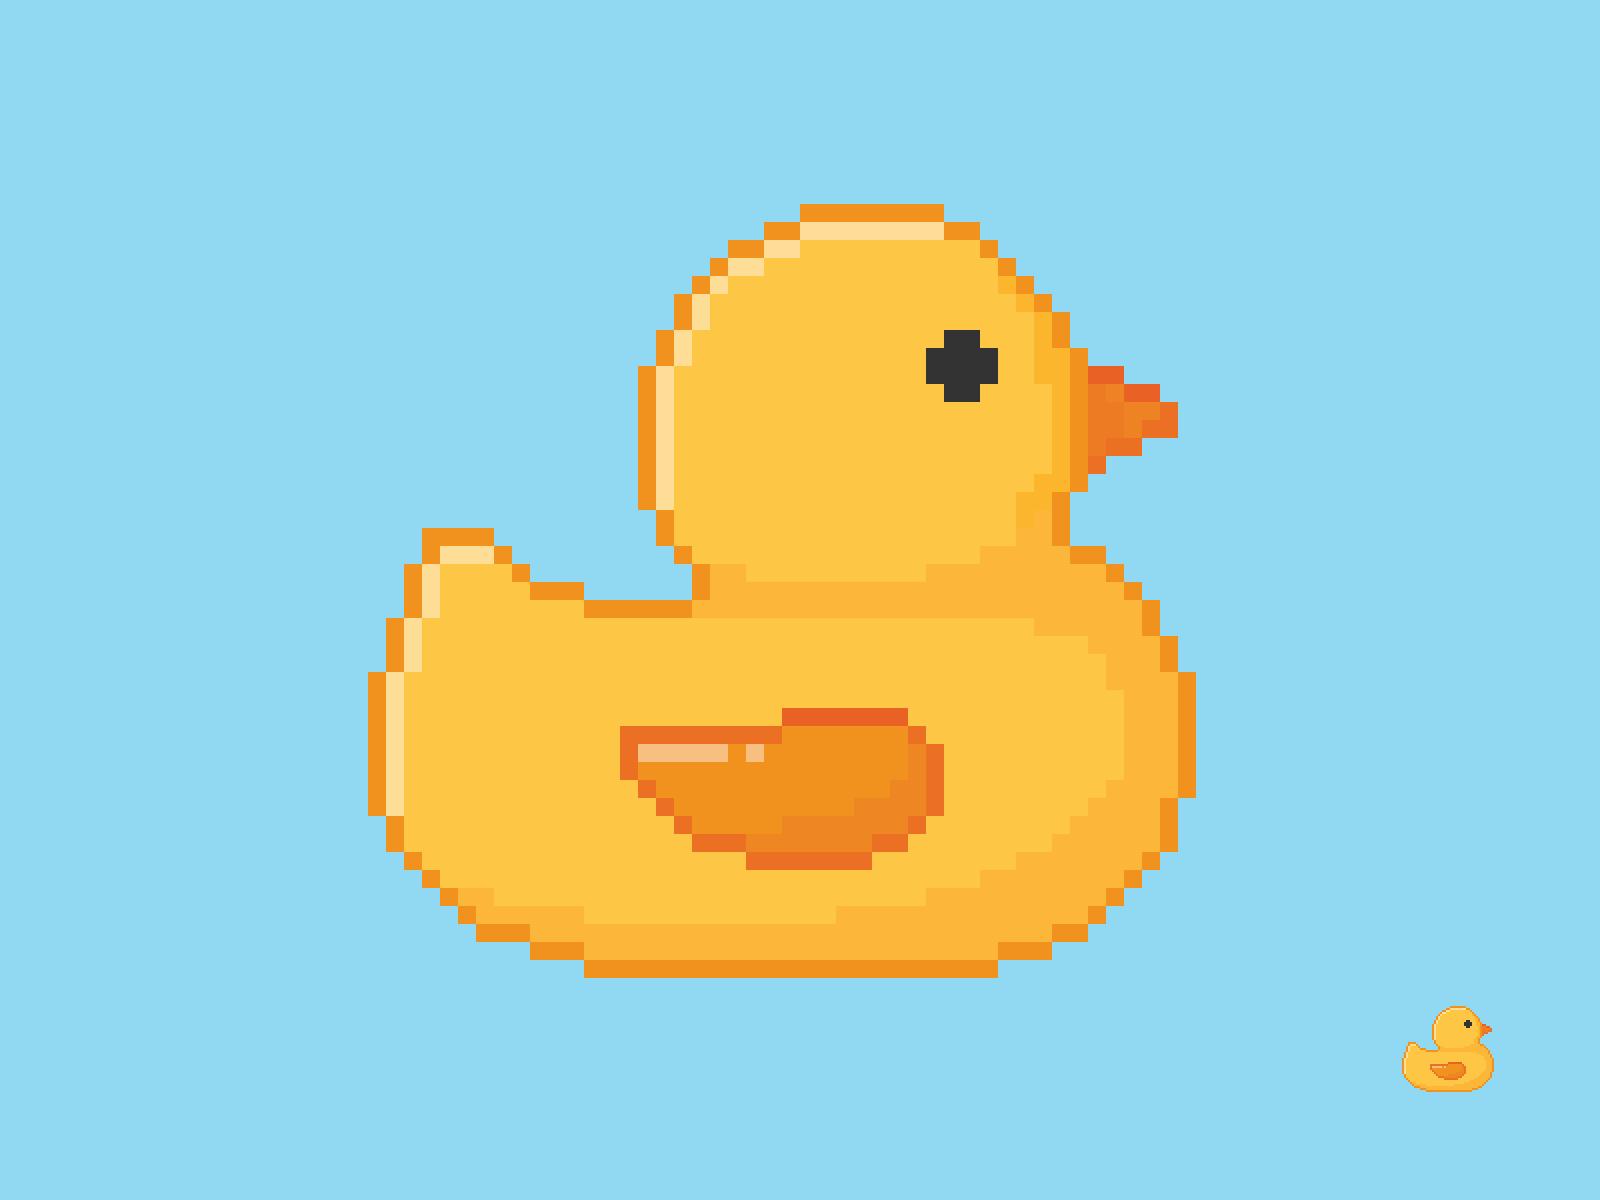 Rubber Duck Pixel